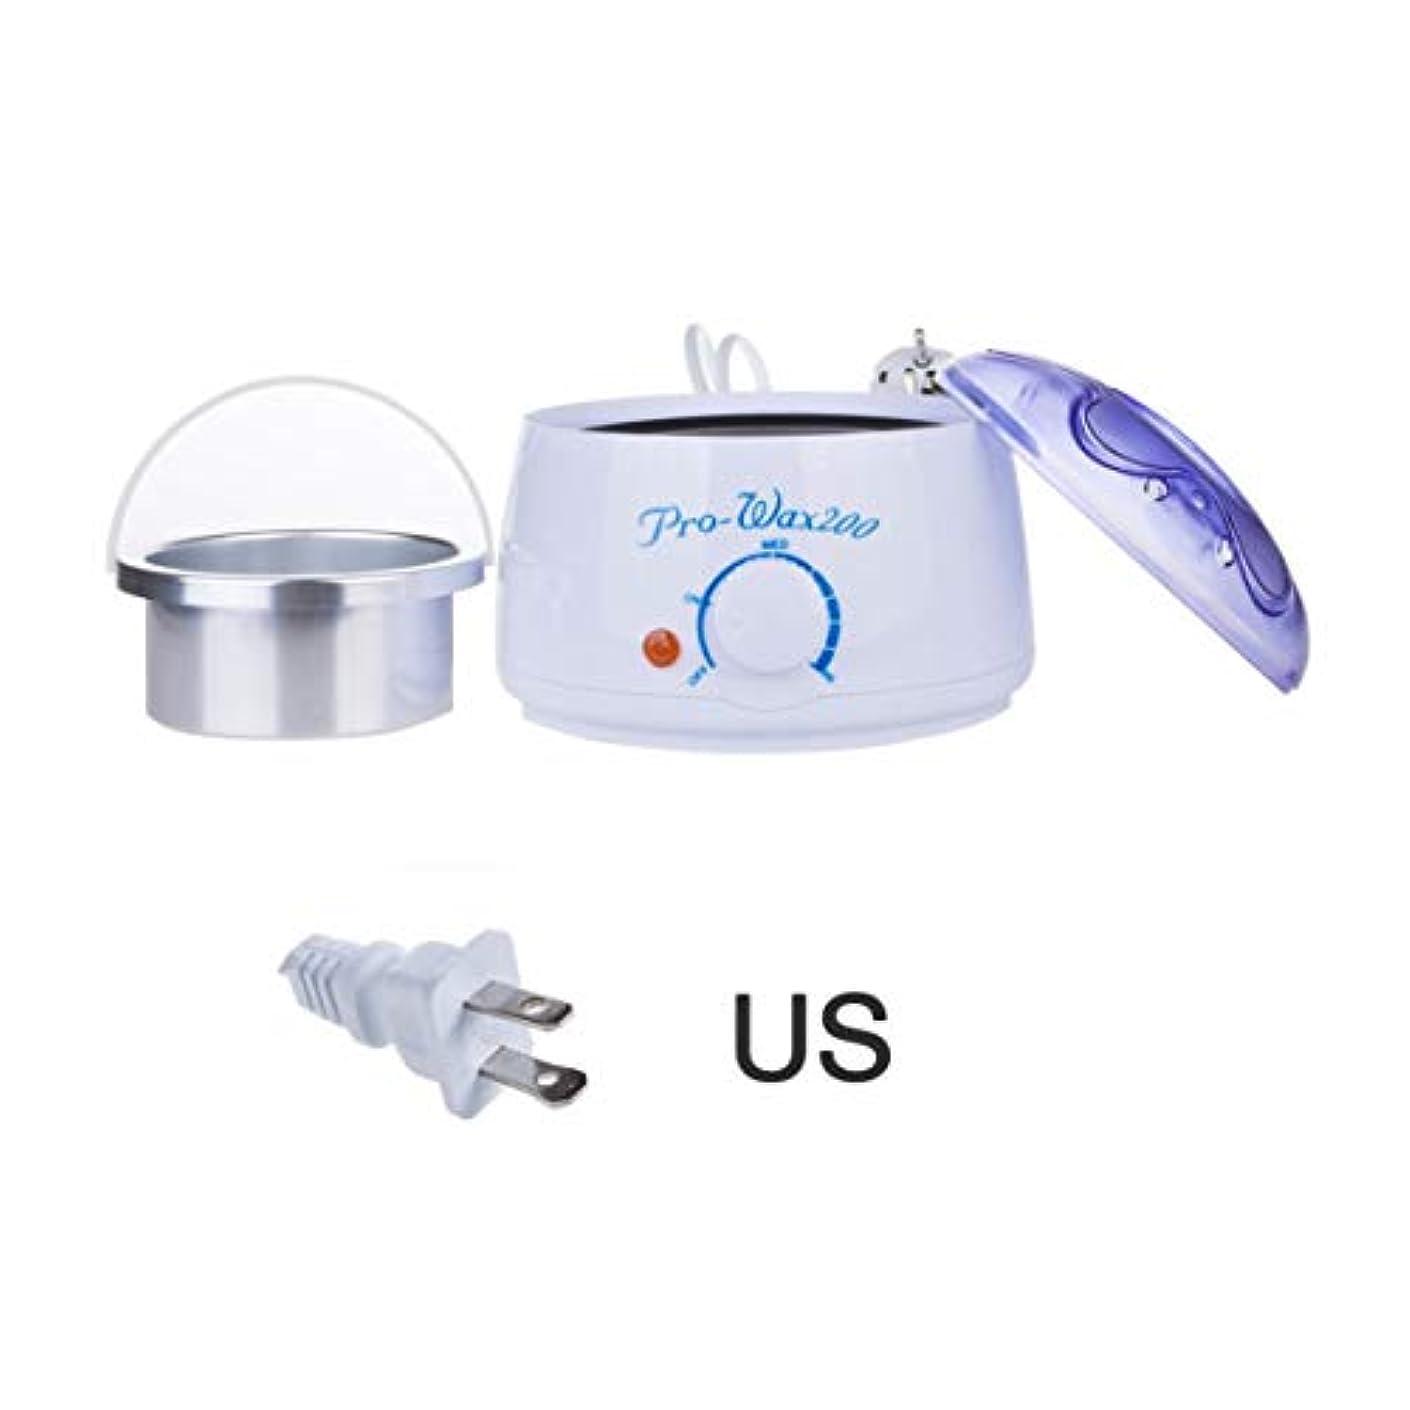 銀河胆嚢シーボードIntercorey 200CC Hand Wax Machine Hot Paraffin Wax Warmer Heater Body Depilatory Salon SPA Hair Removal Tool With...